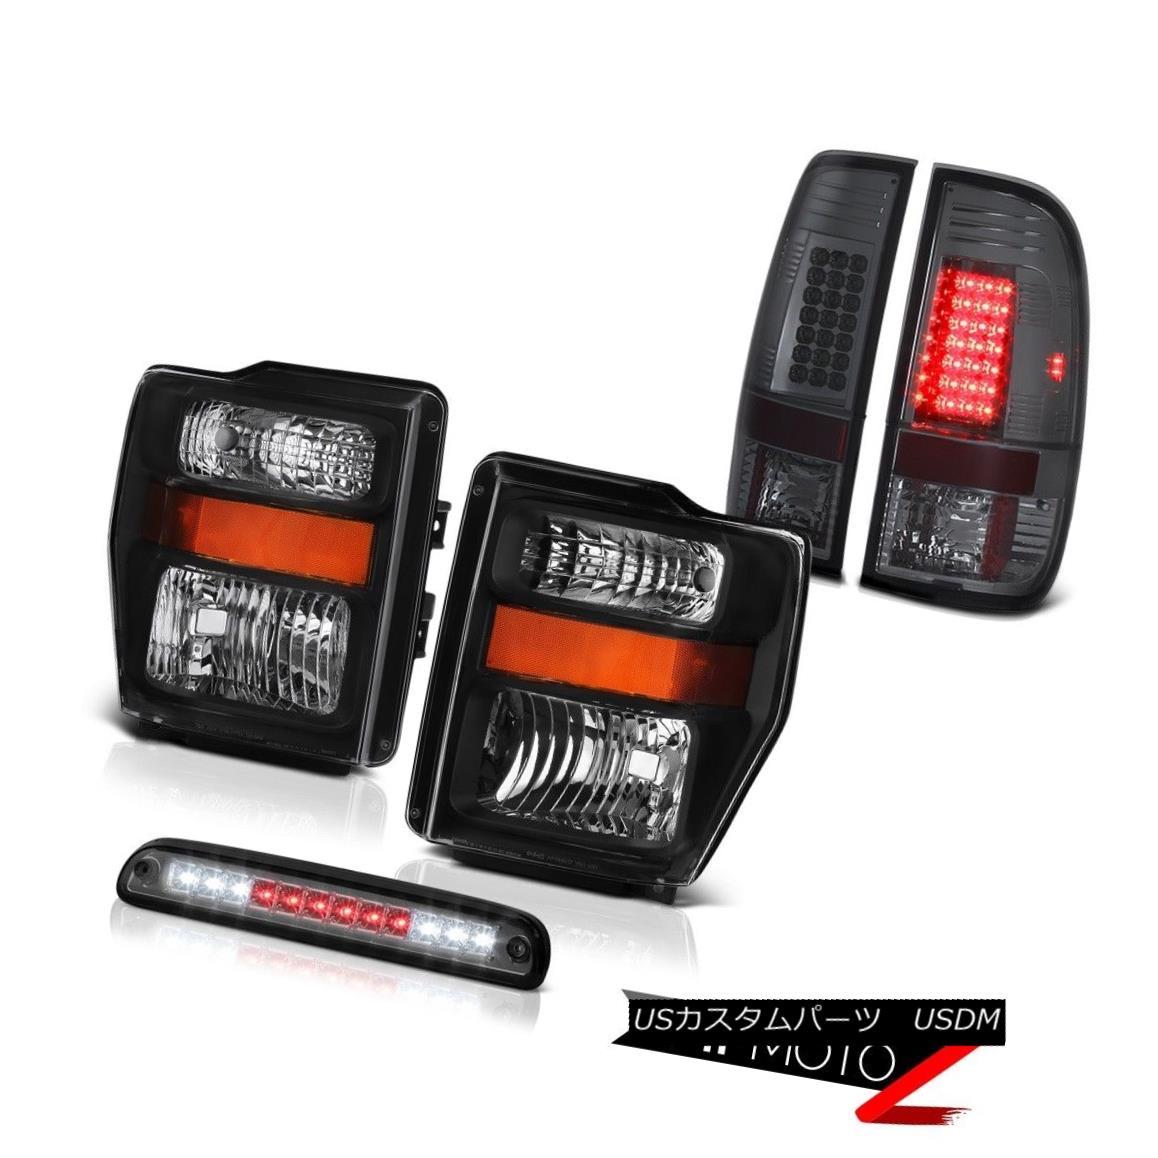 ヘッドライト Black Headlamps Tinted 3rd Brake LED Lights 2008 2009 2010 Ford F-250 F-350 FX4 ブラックヘッドランプは、第3ブレーキLEDライト2008年を着色2010年Ford F-250 F-350 FX4